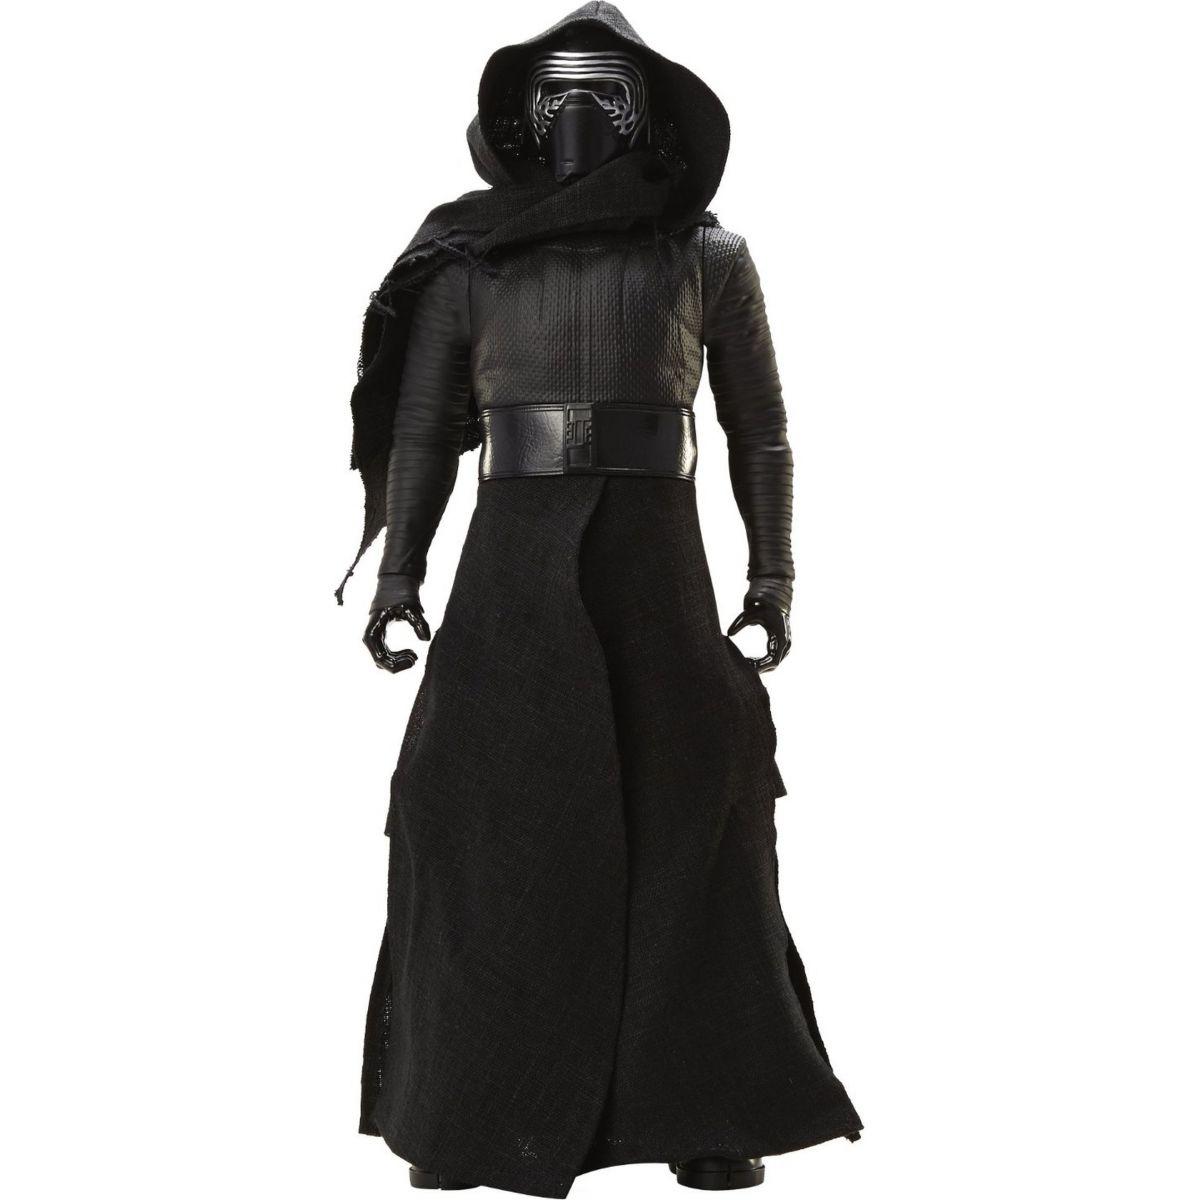 Jakks Star Wars Figurka Kylo Ren 79 cm